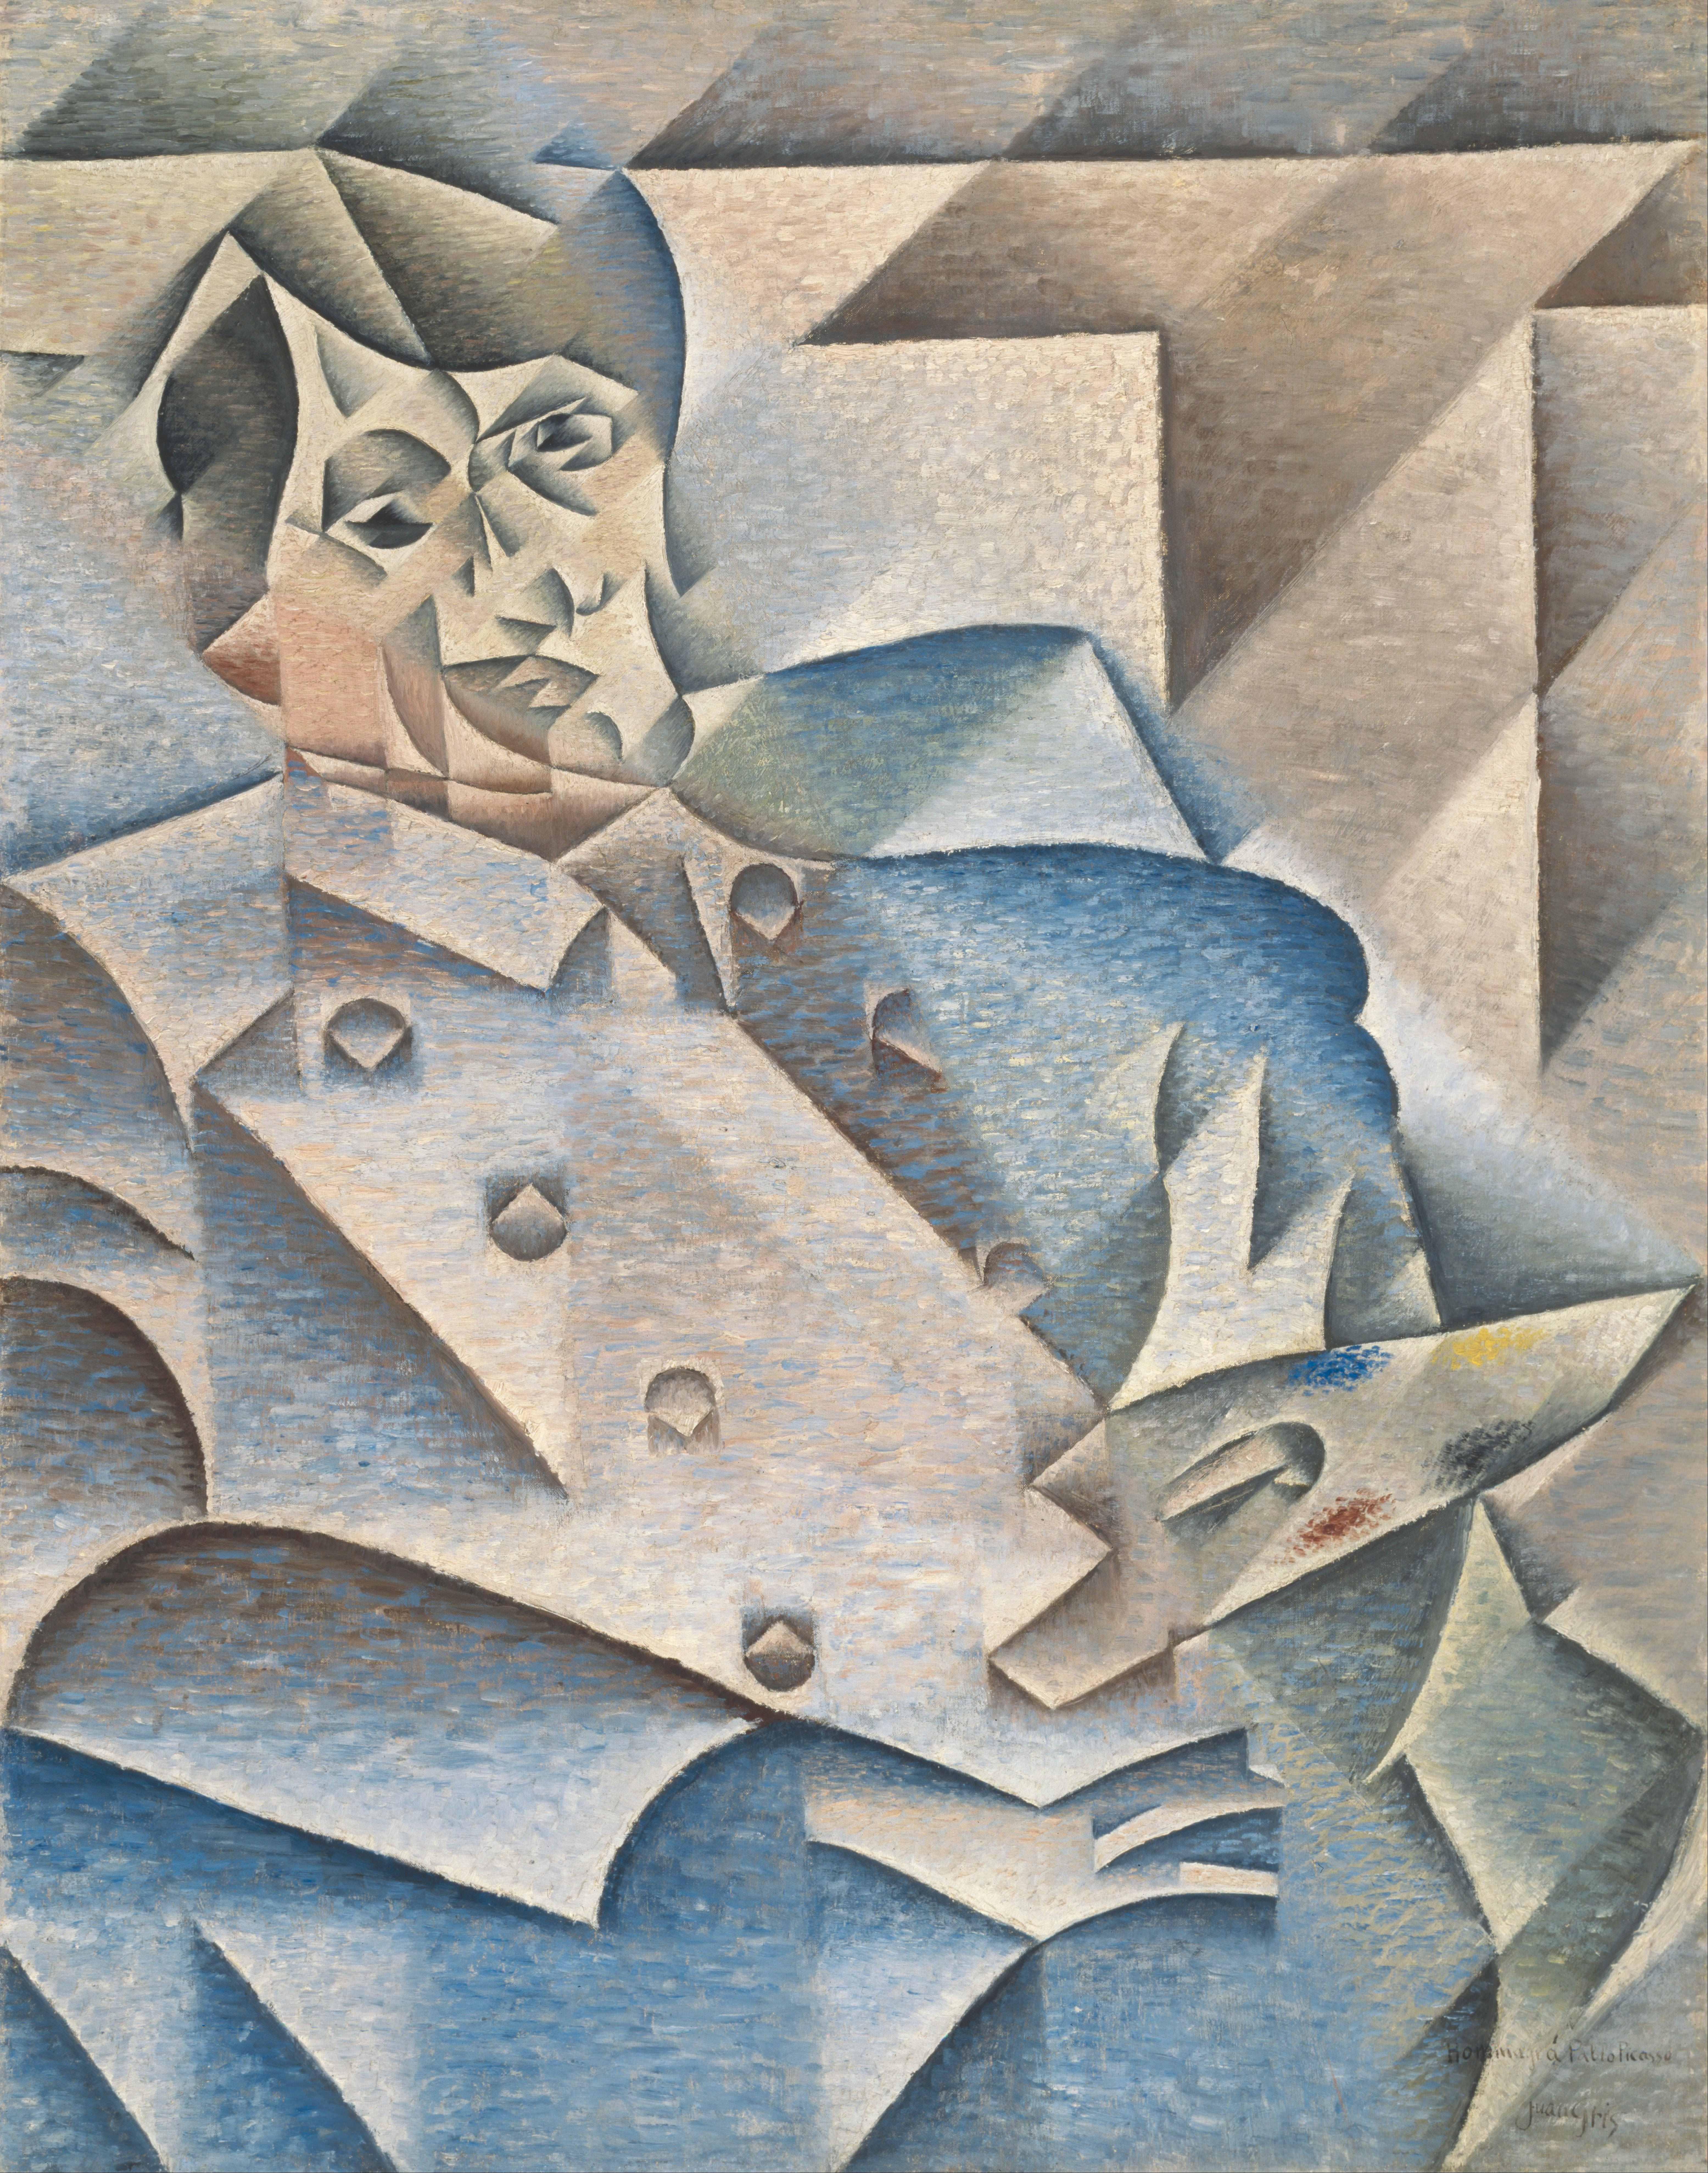 Juan Gris, Portrait of Pablo Picasso, 1912